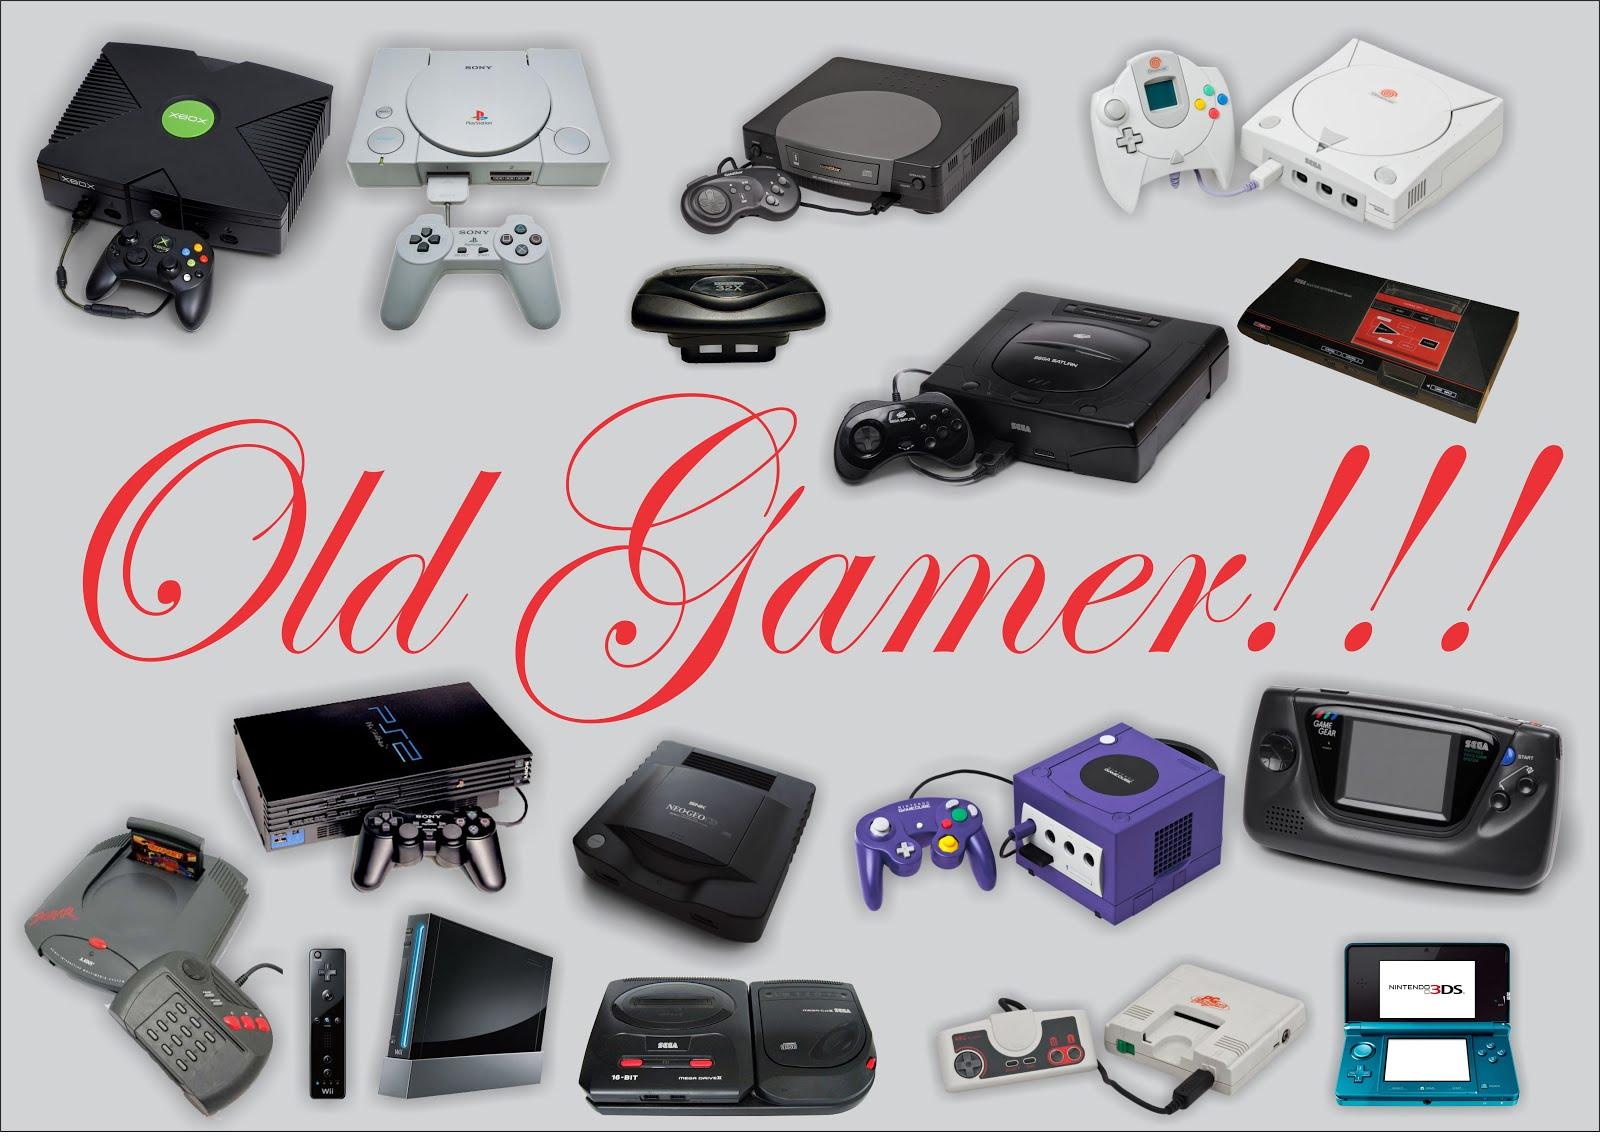 OLD GAMER!!!